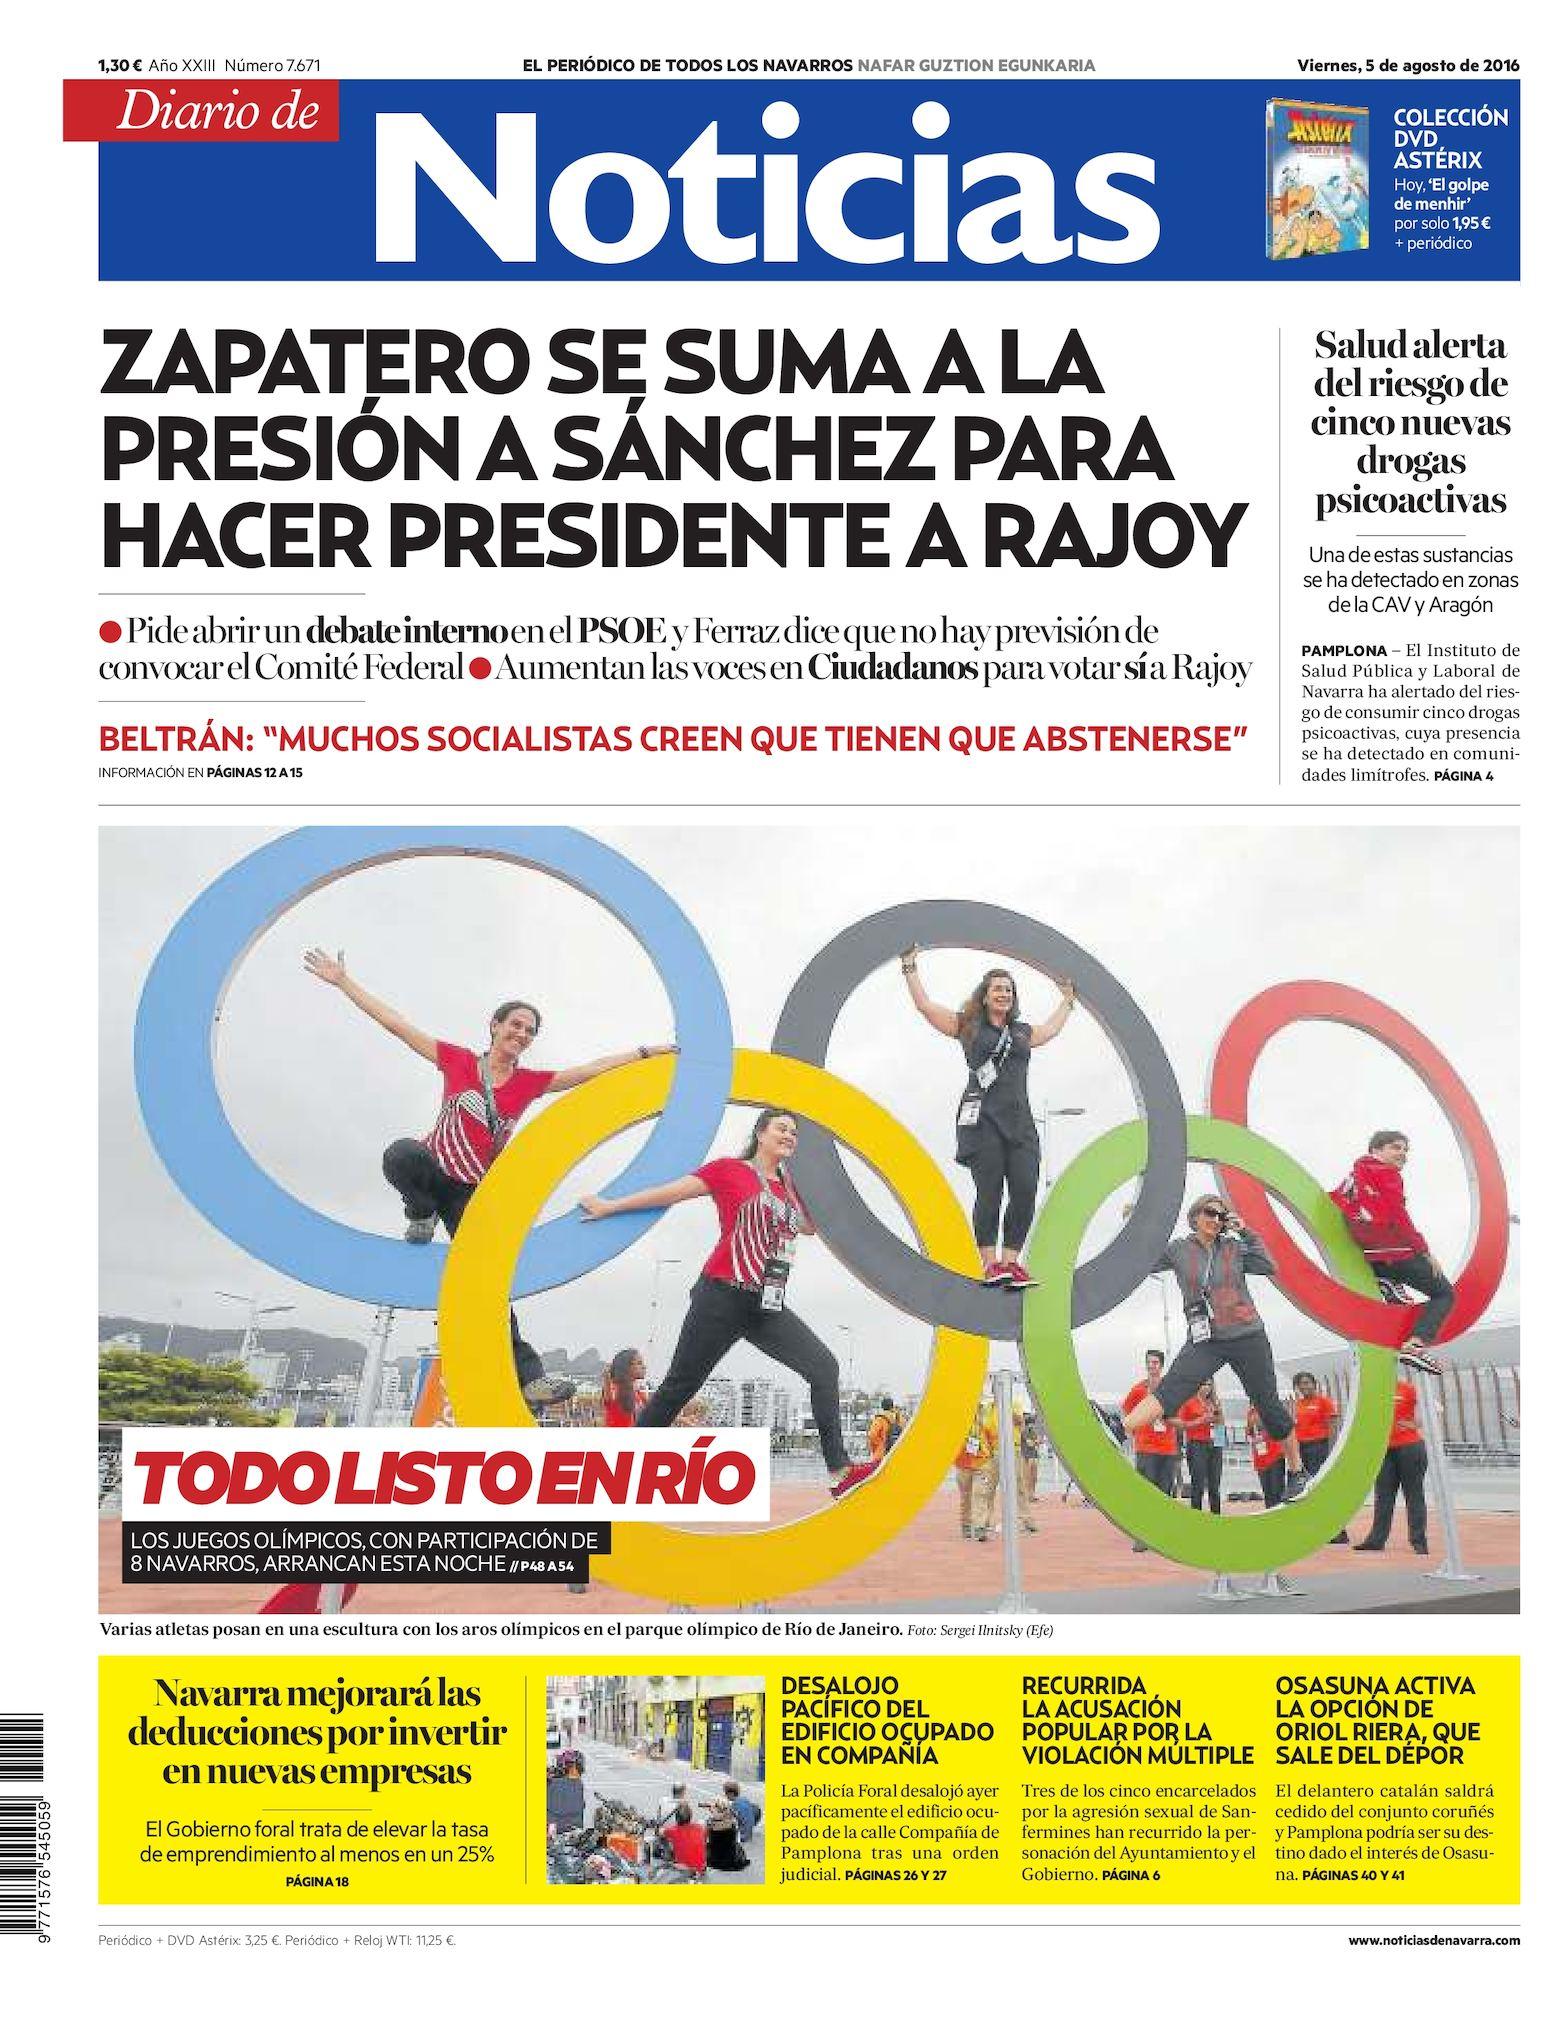 Calaméo - Diario de Noticias 20160805